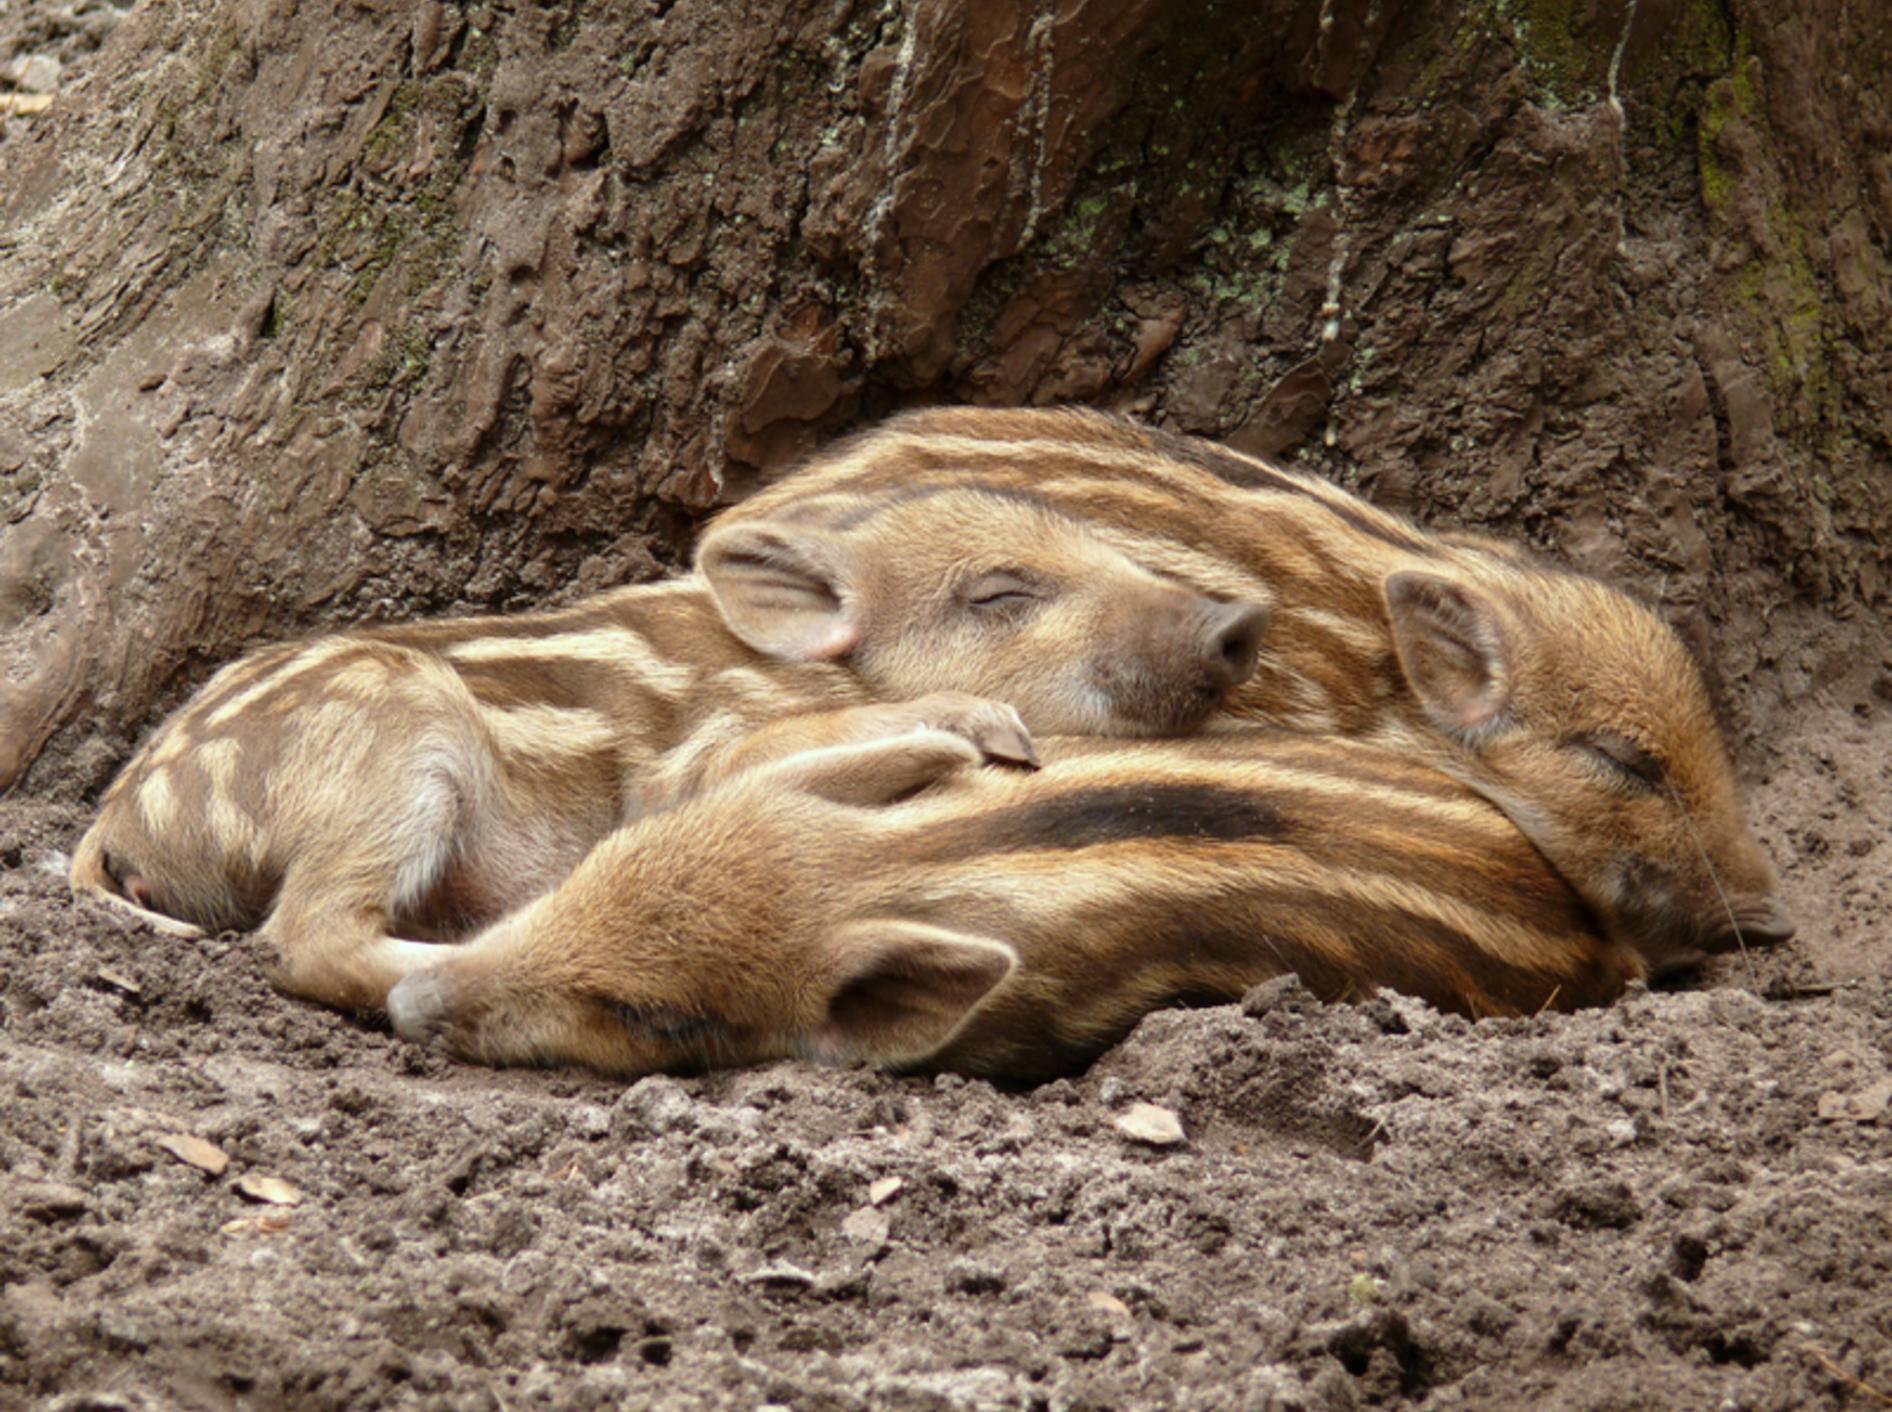 Schweinehaufen: Wildschweinferkel beim Schlafen